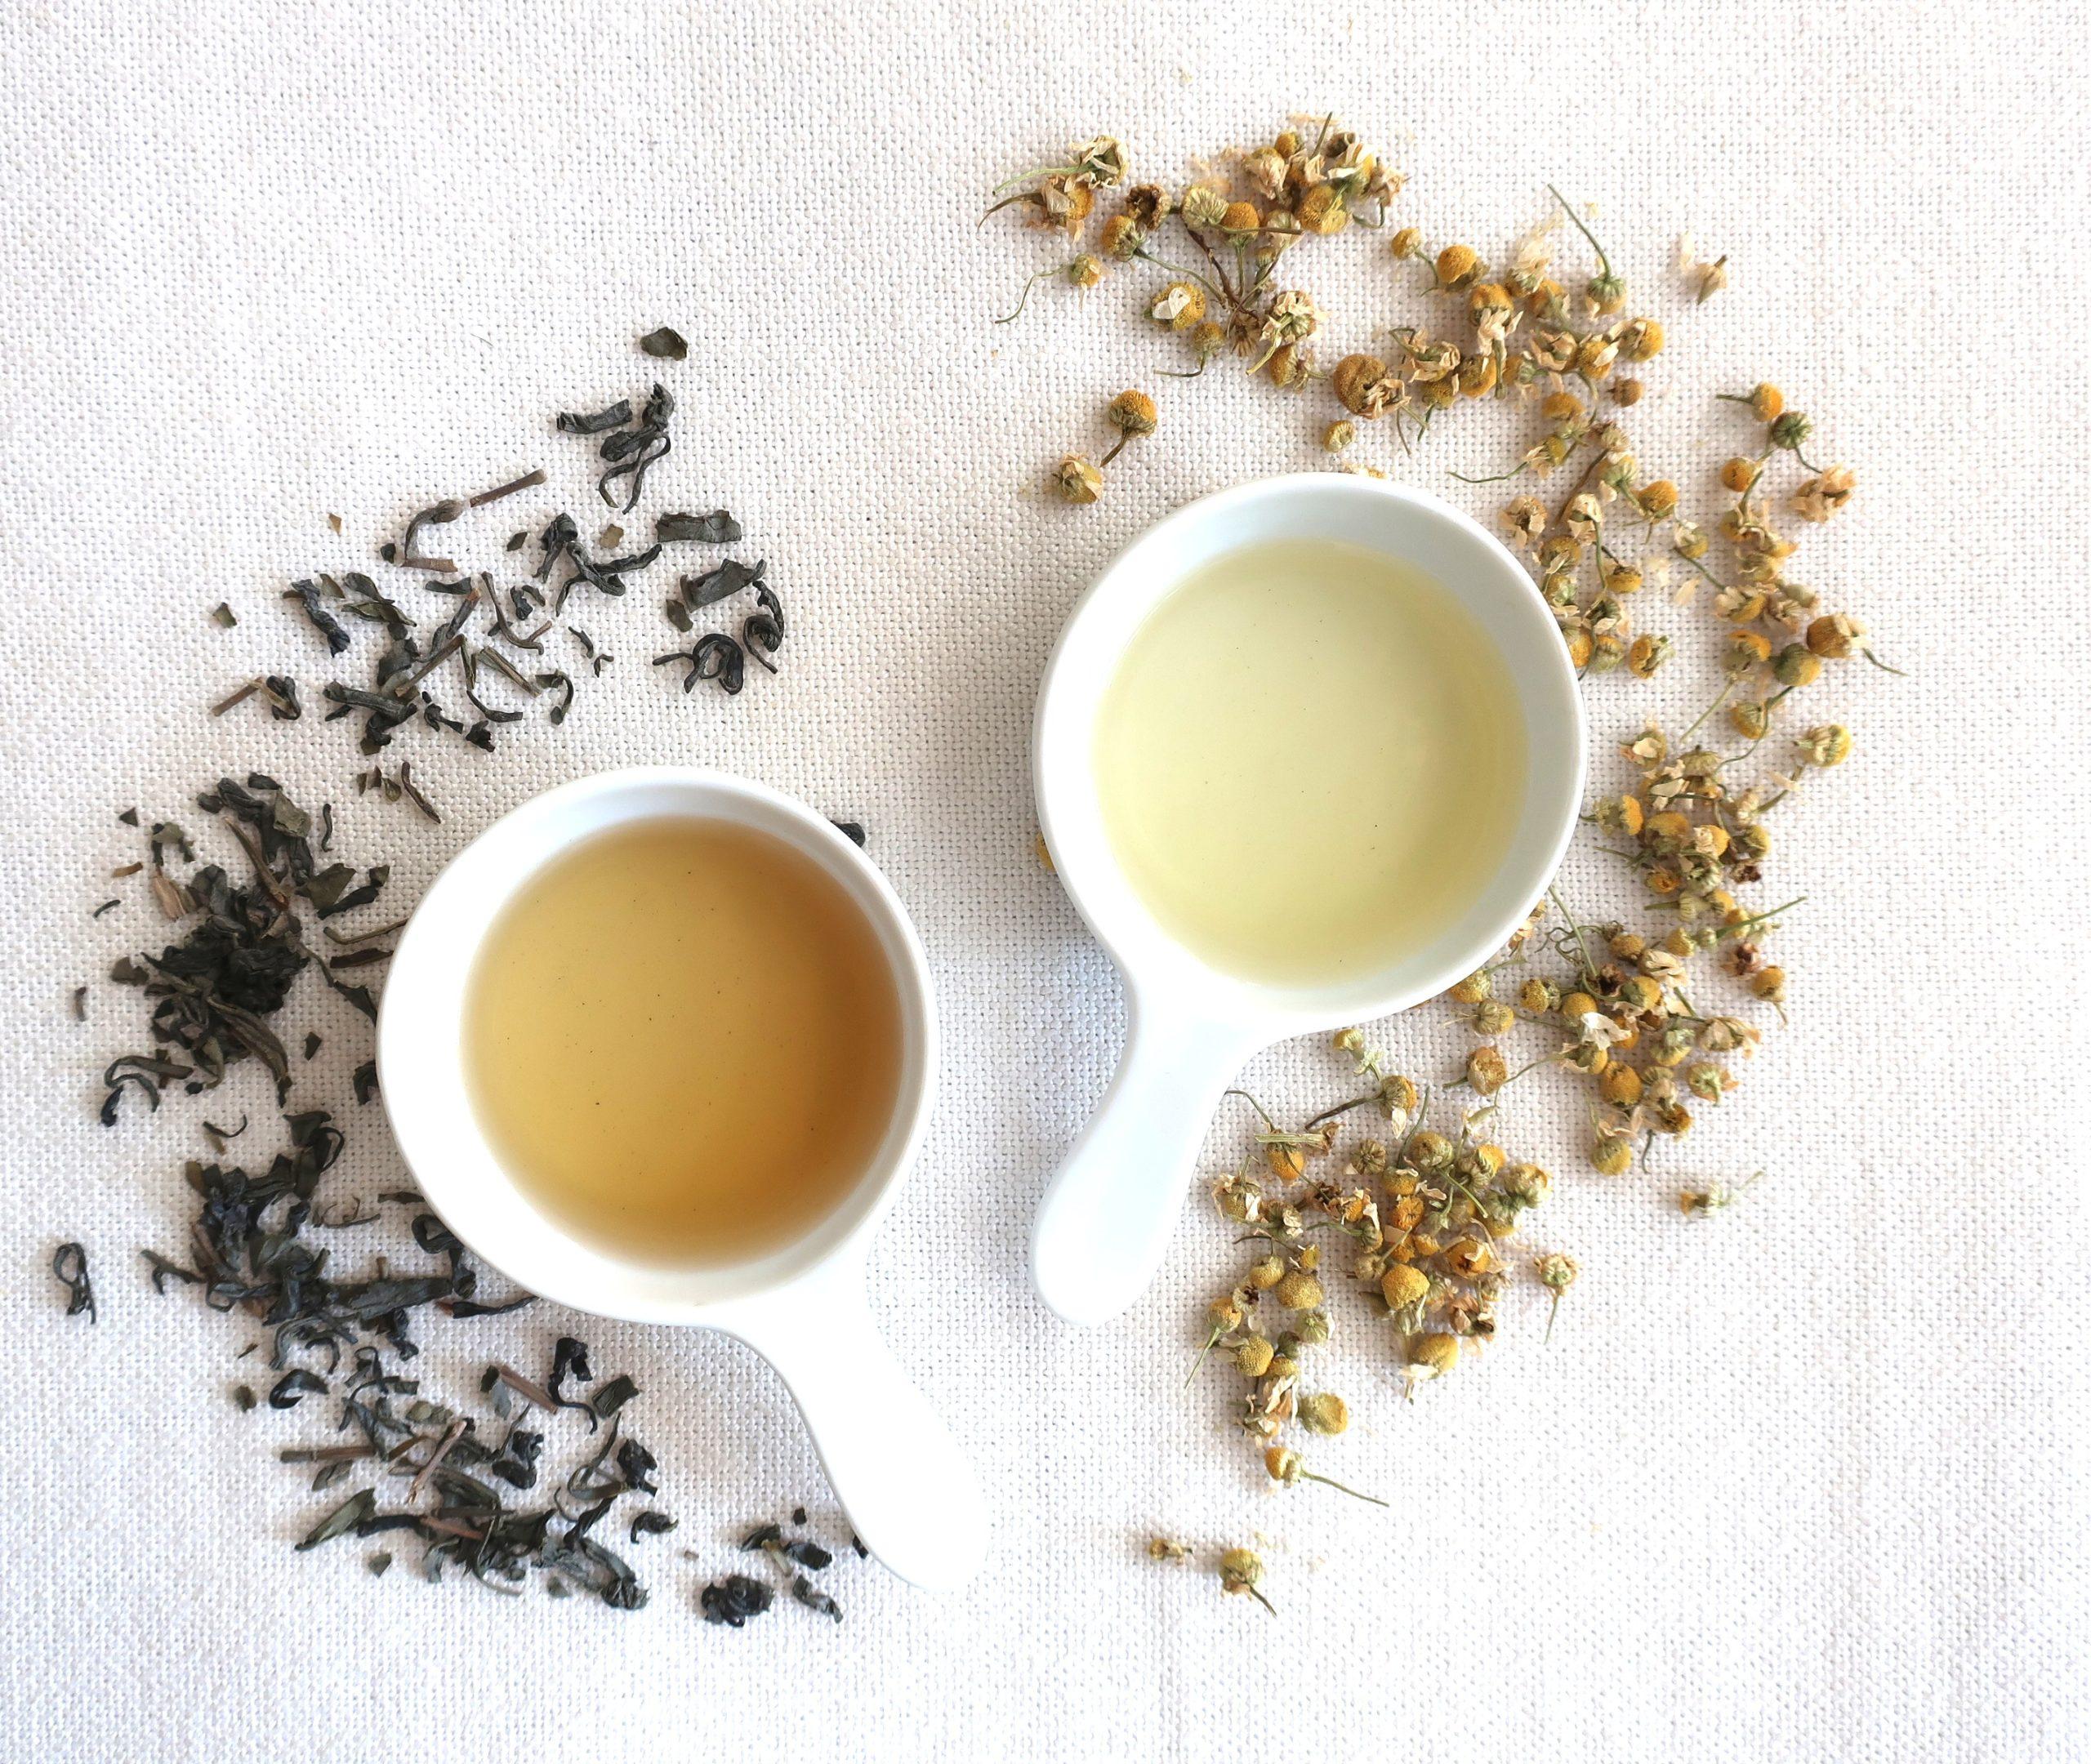 tonalizador de chá de camomila